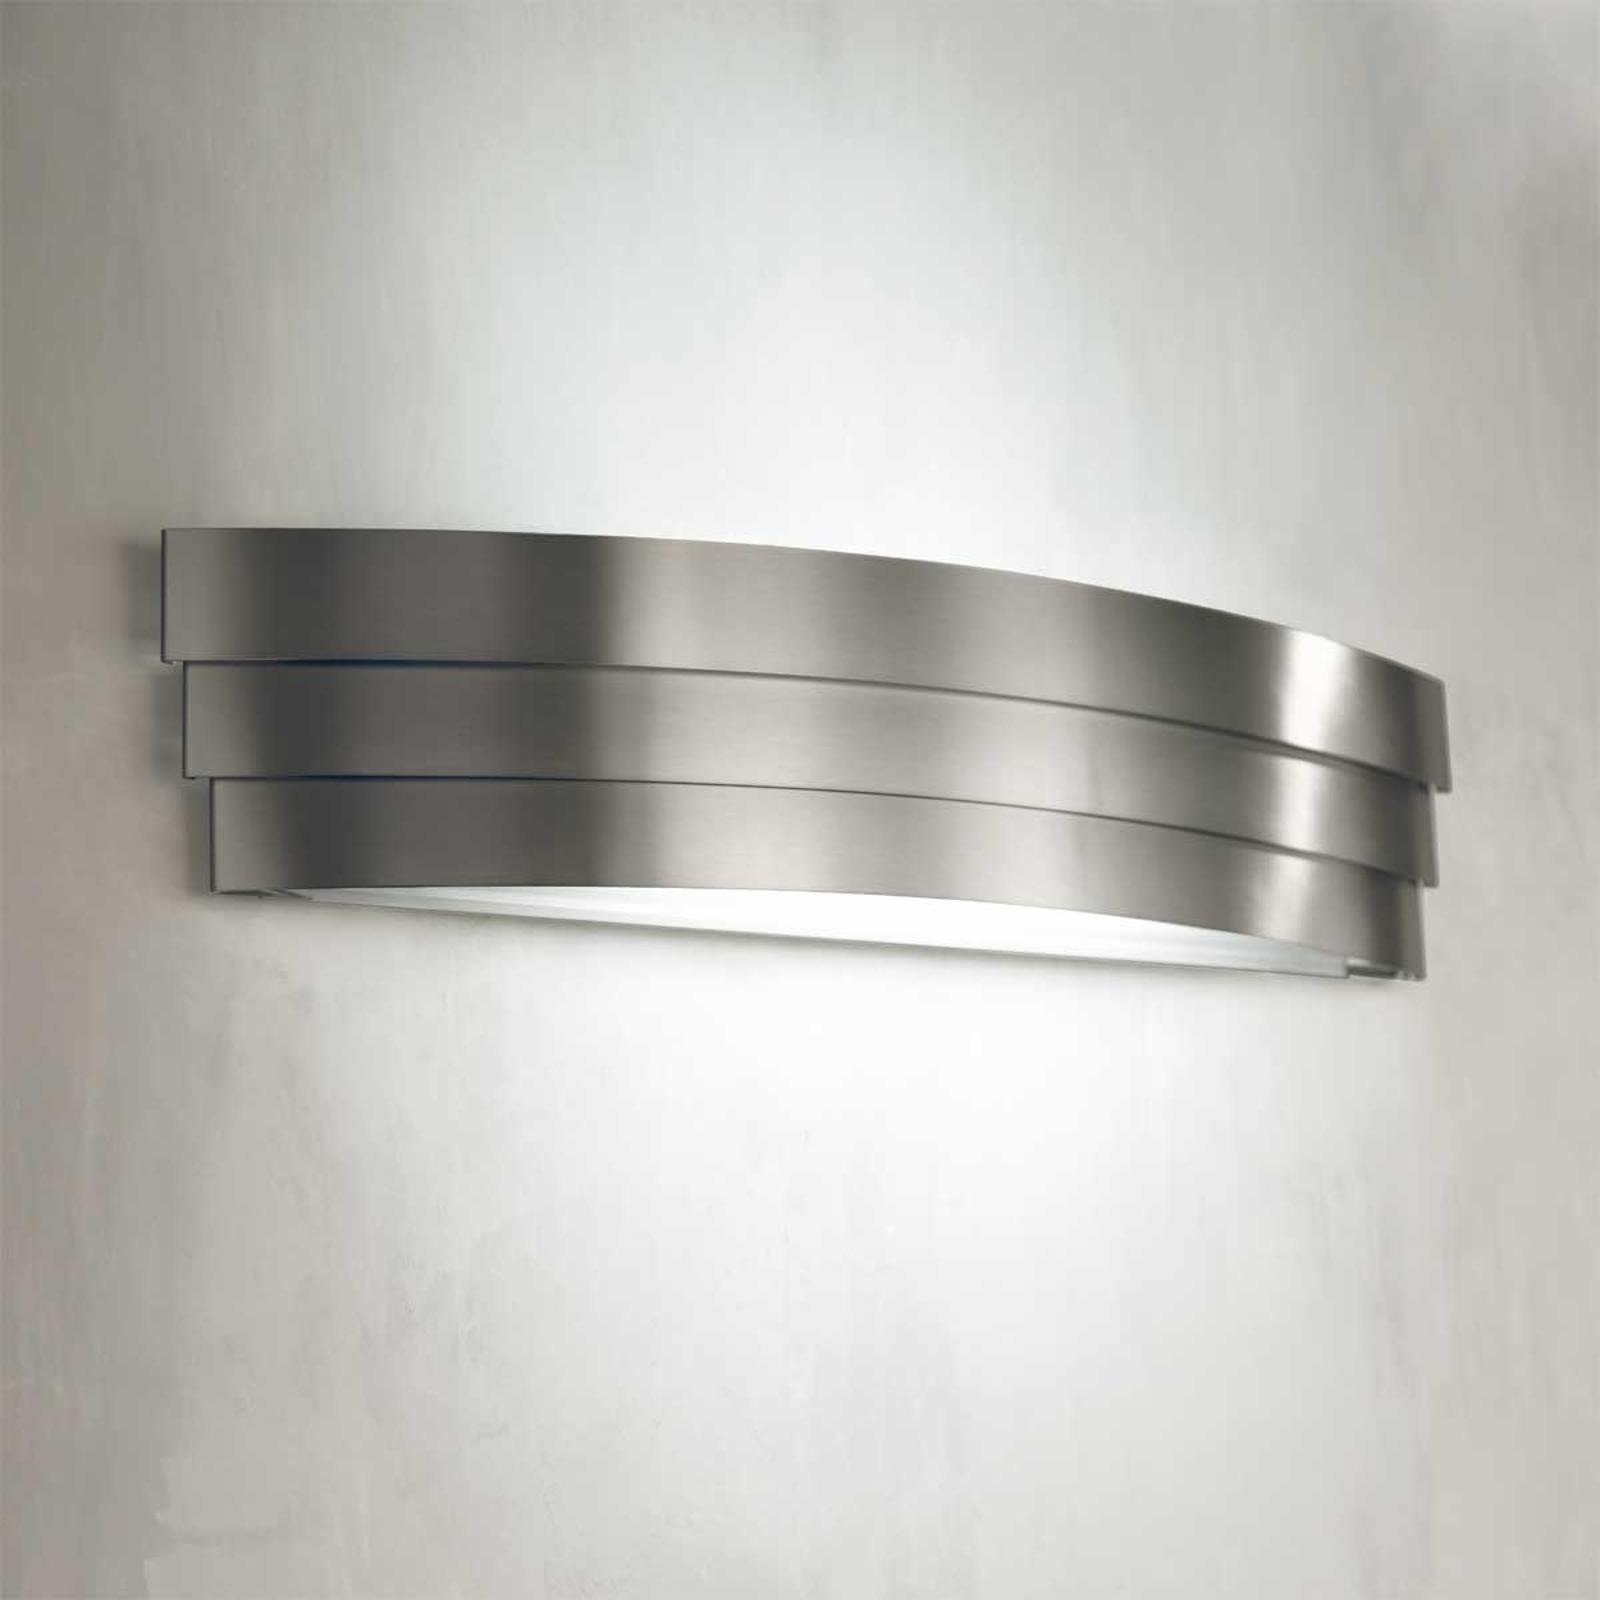 Seinävalaisin Bolero 8010 innovatiivista muotoilua